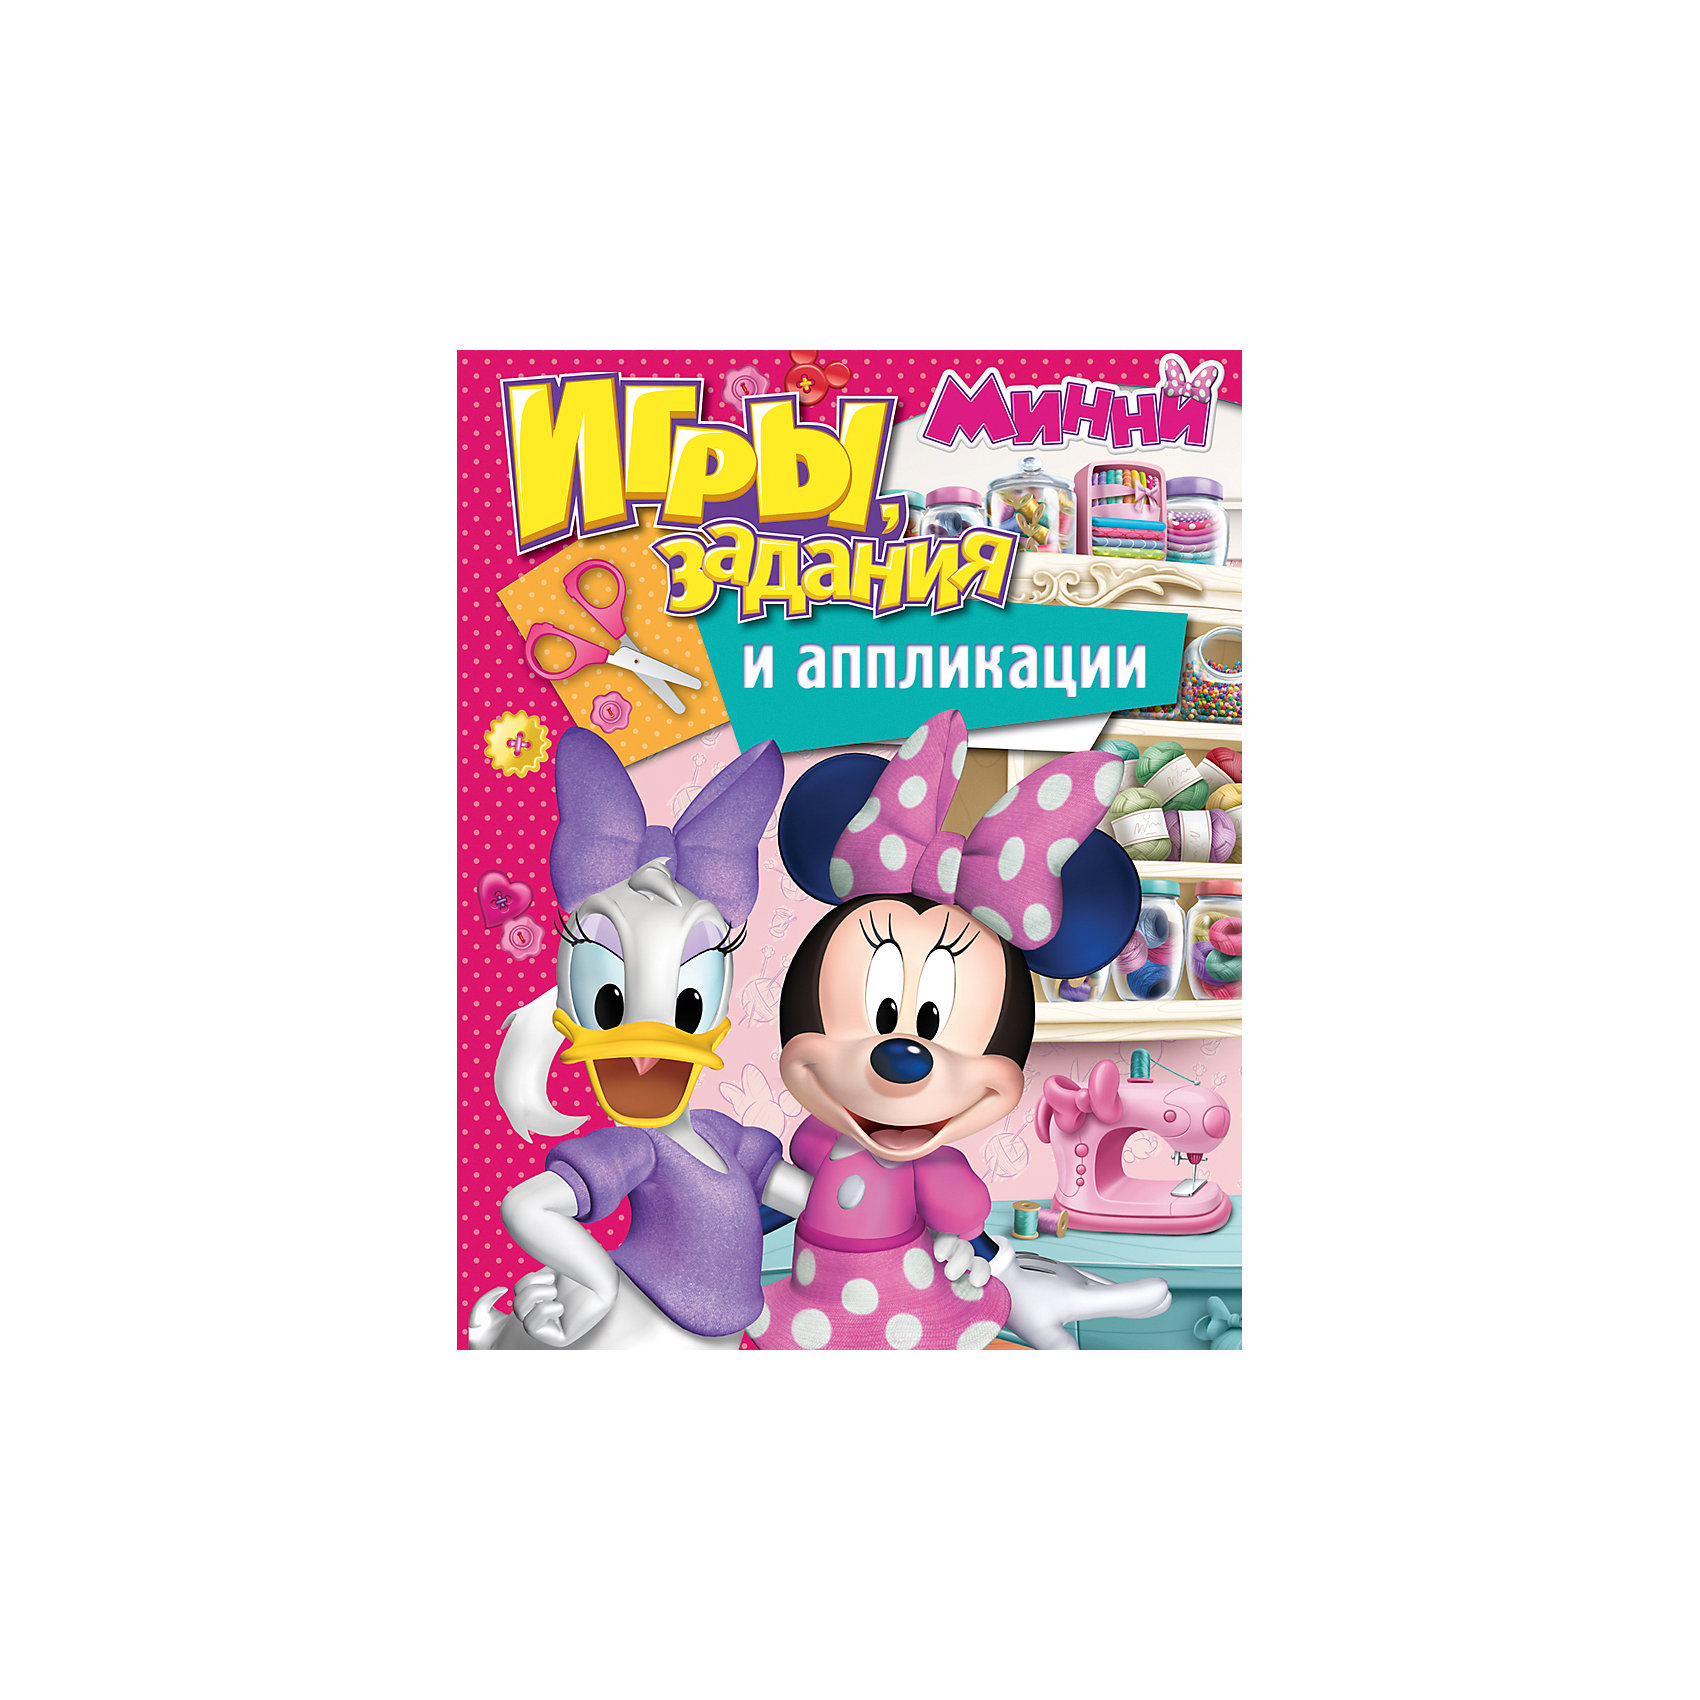 Игры, задания и аппликации Минни, DisneyМинни Маус<br>Цветная брошюра с яркими аппликациями, лабиринтами и различными головоломками. На каждом развороте даются увлекательные задания на логику, воображение, развитие памяти и художественных способностей ребенка. Все необходимые для аппликации детали и рекомендации по их выполнению можно найти внутри книжки. Фантазируй и играй вместе с любимыми героями Disney!<br><br>Ширина мм: 275<br>Глубина мм: 211<br>Высота мм: 2<br>Вес г: 72<br>Возраст от месяцев: 36<br>Возраст до месяцев: 84<br>Пол: Унисекс<br>Возраст: Детский<br>SKU: 4712324